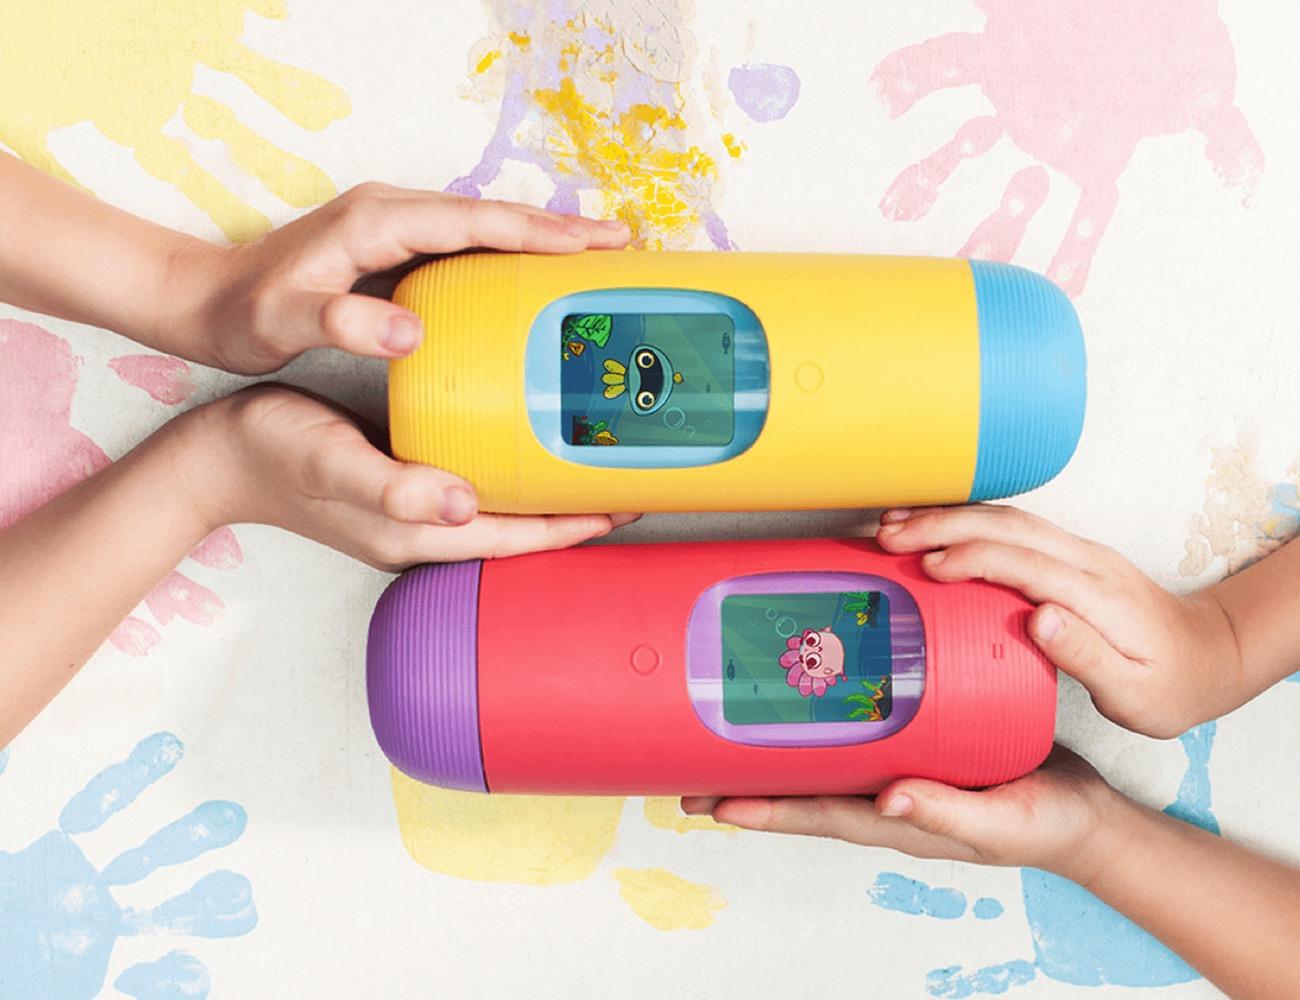 gululu-interactive-water-bottle-for-kids-01